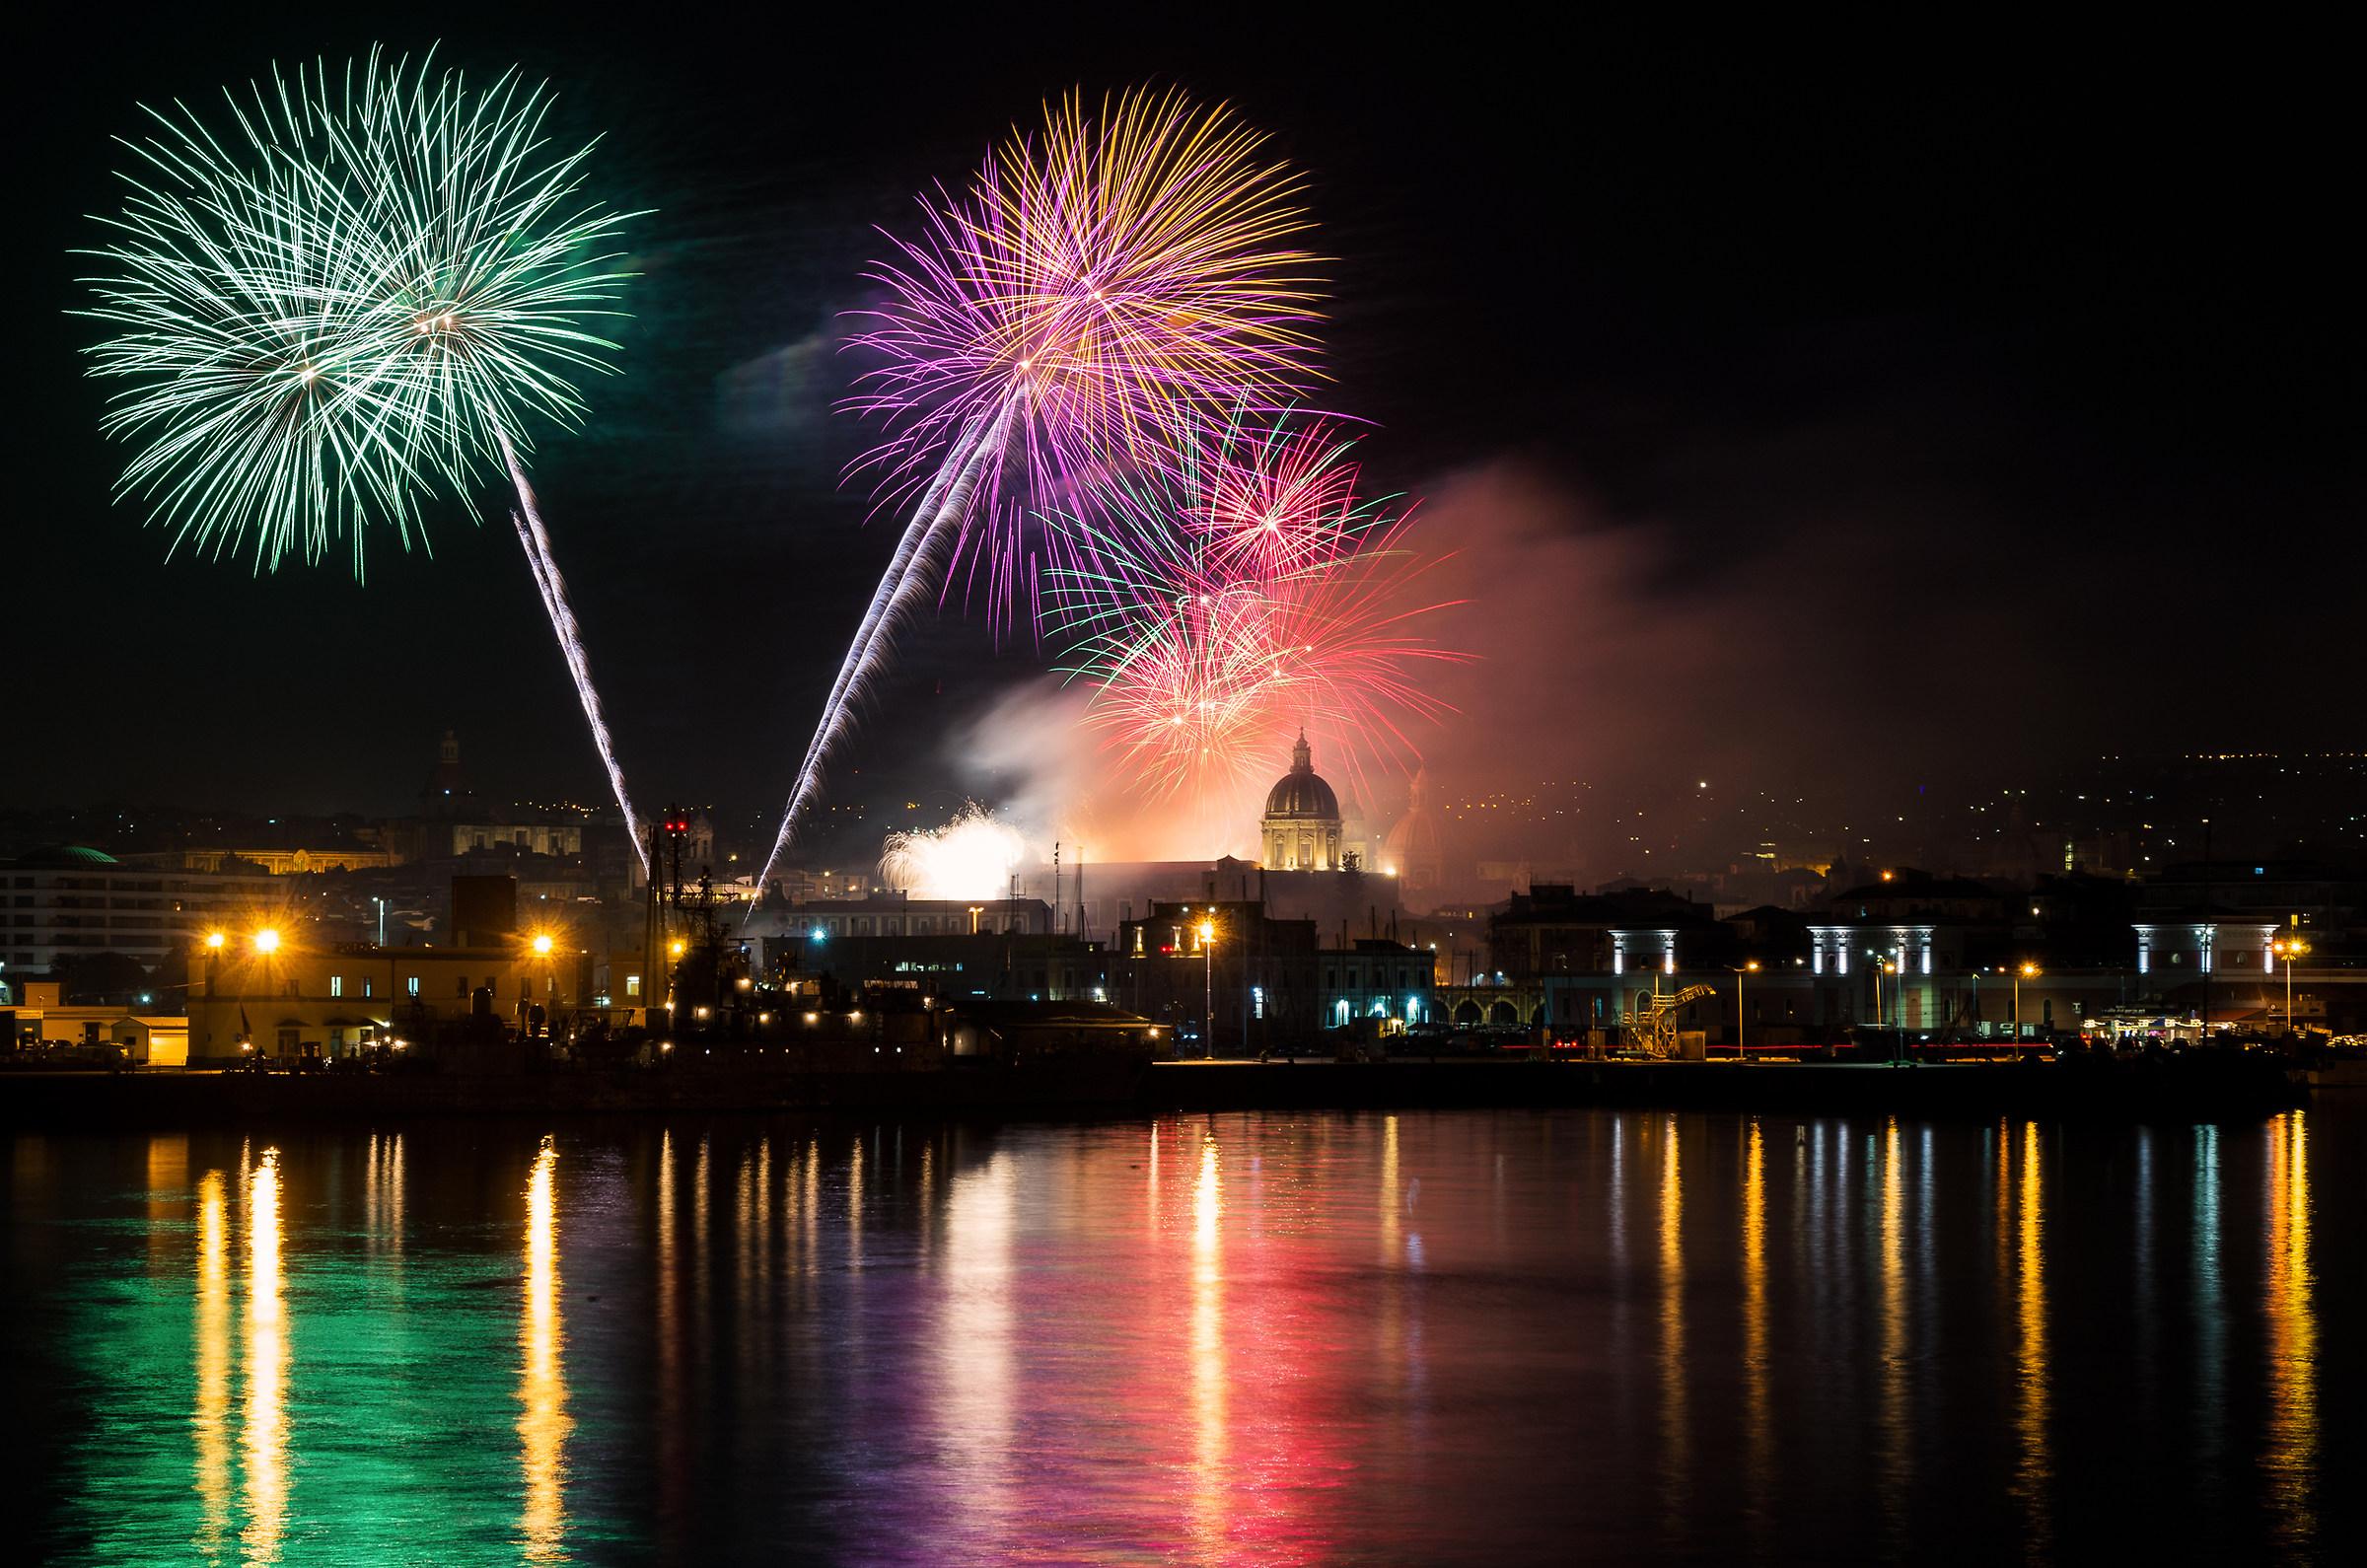 Fuochi del tre febbraio - Sant'Agata - Catania #1...